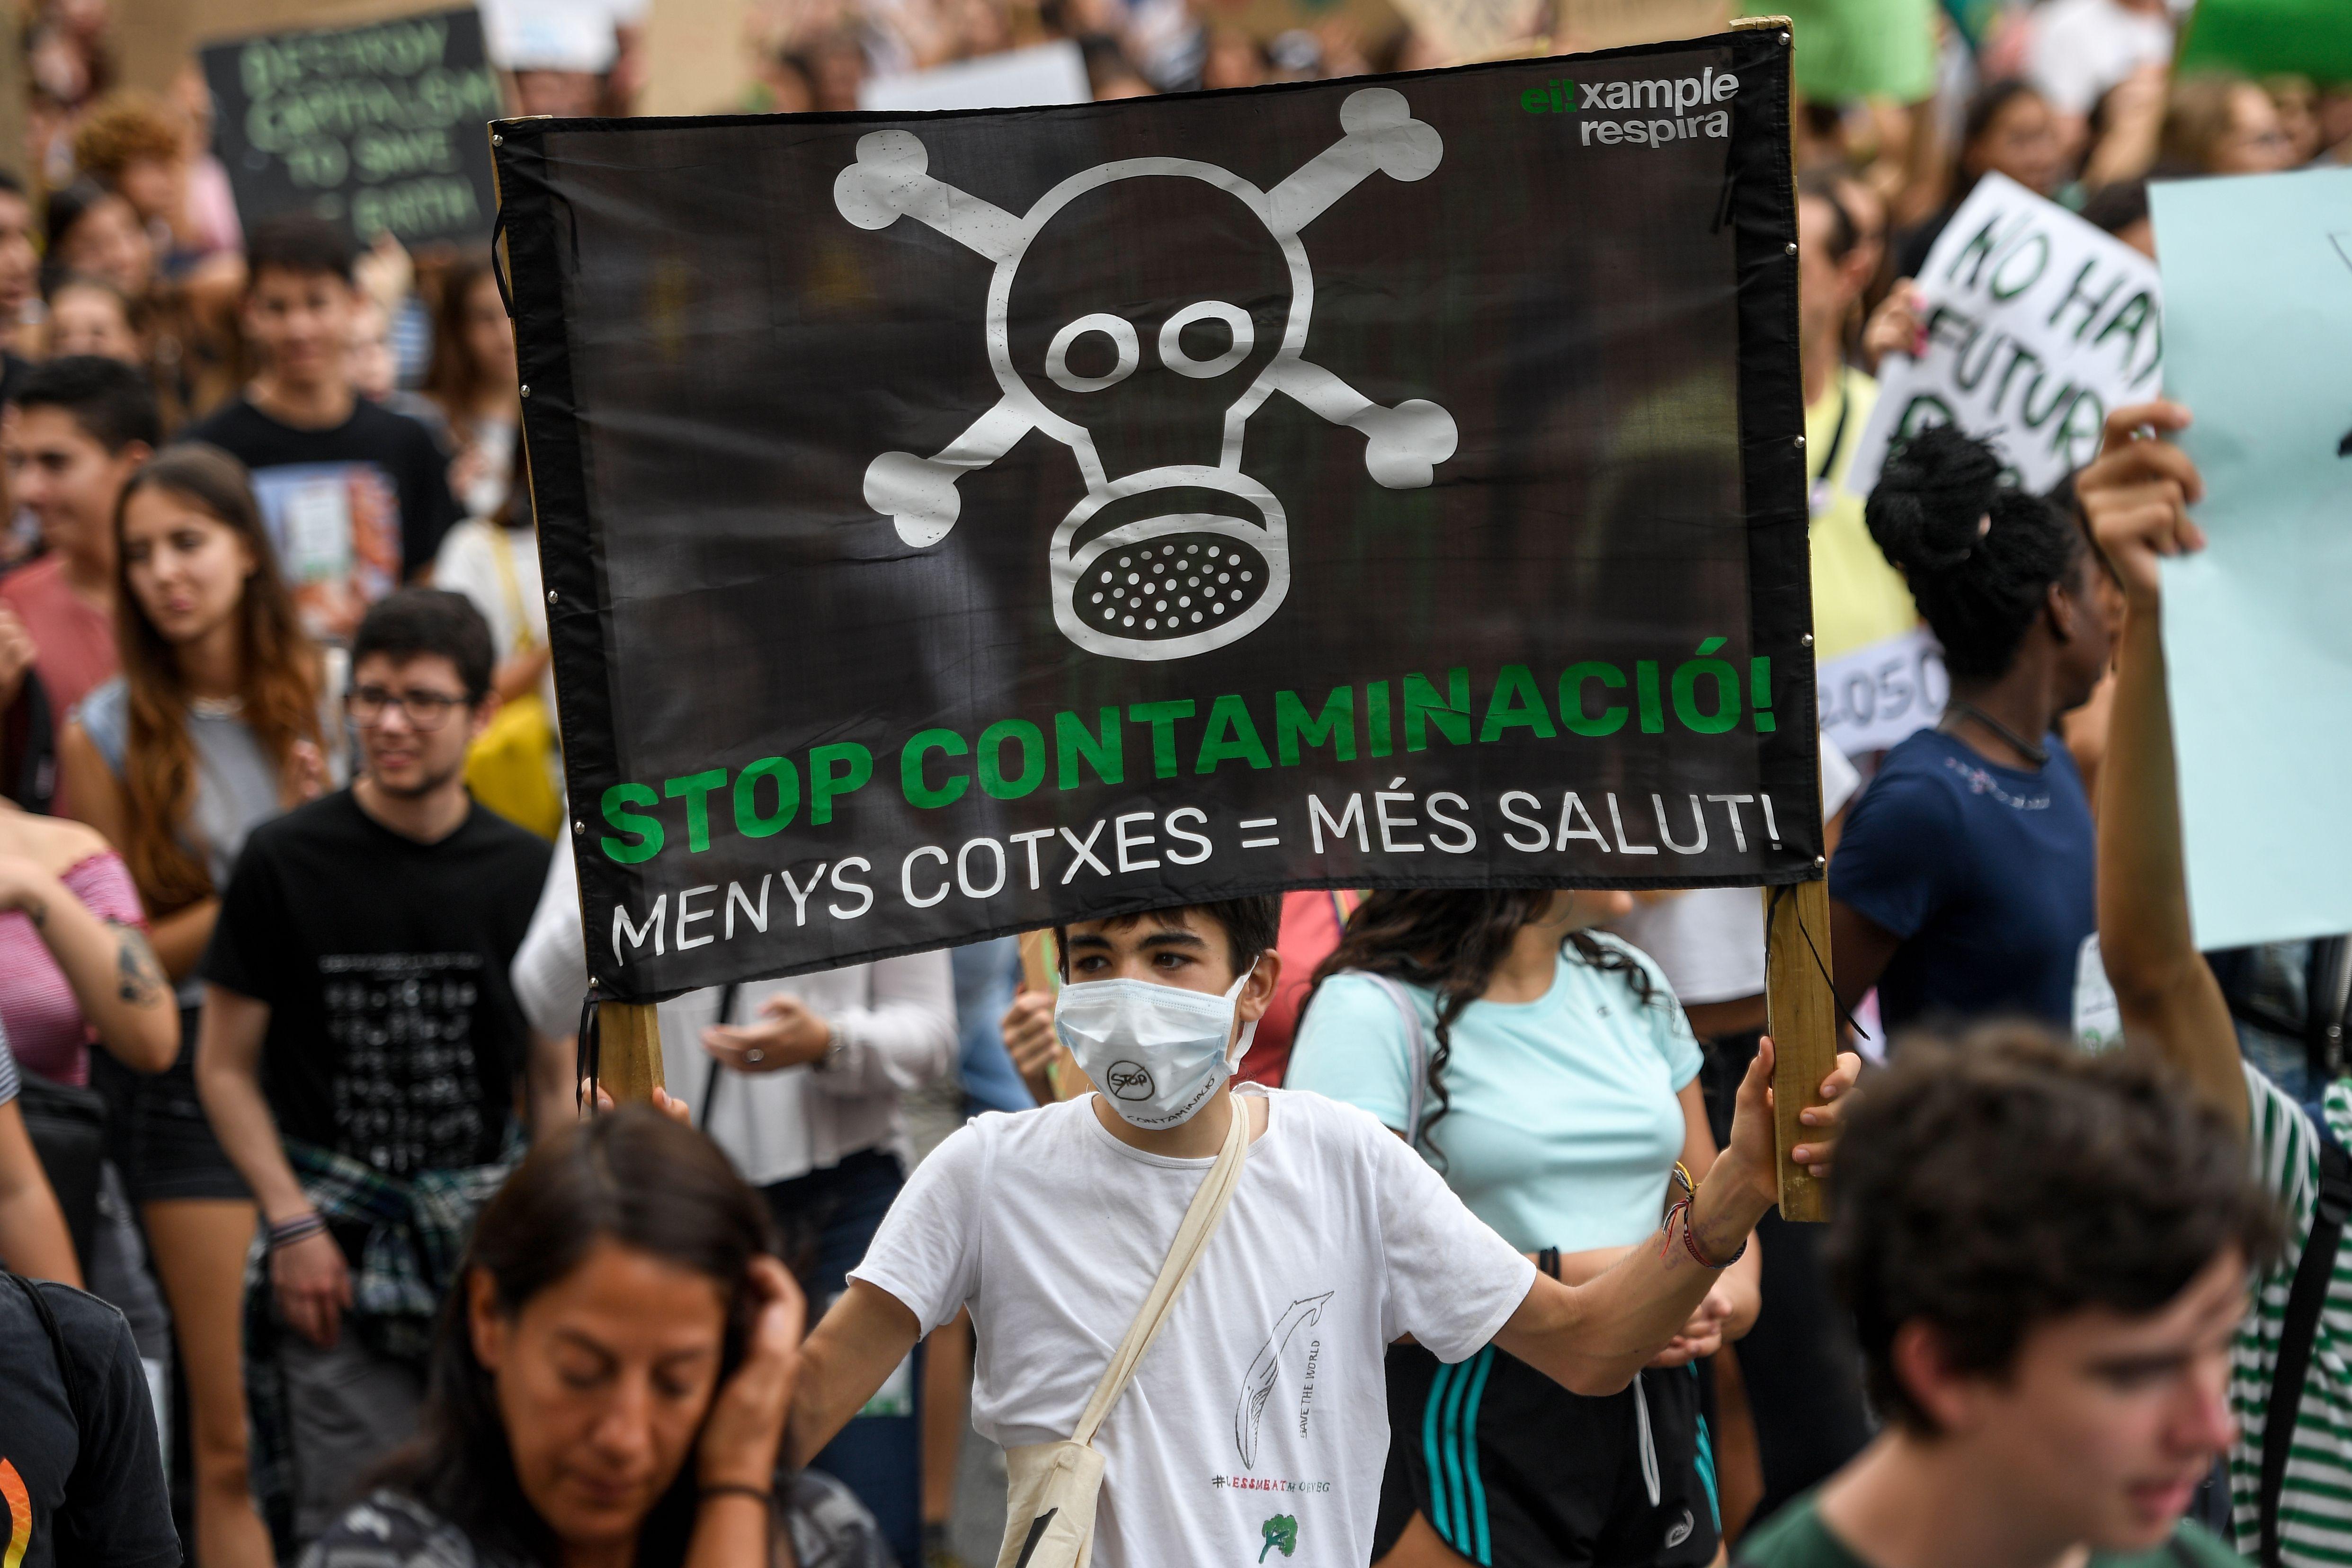 من التظاهرات الشبابية العالمية المناصرة للبيئة